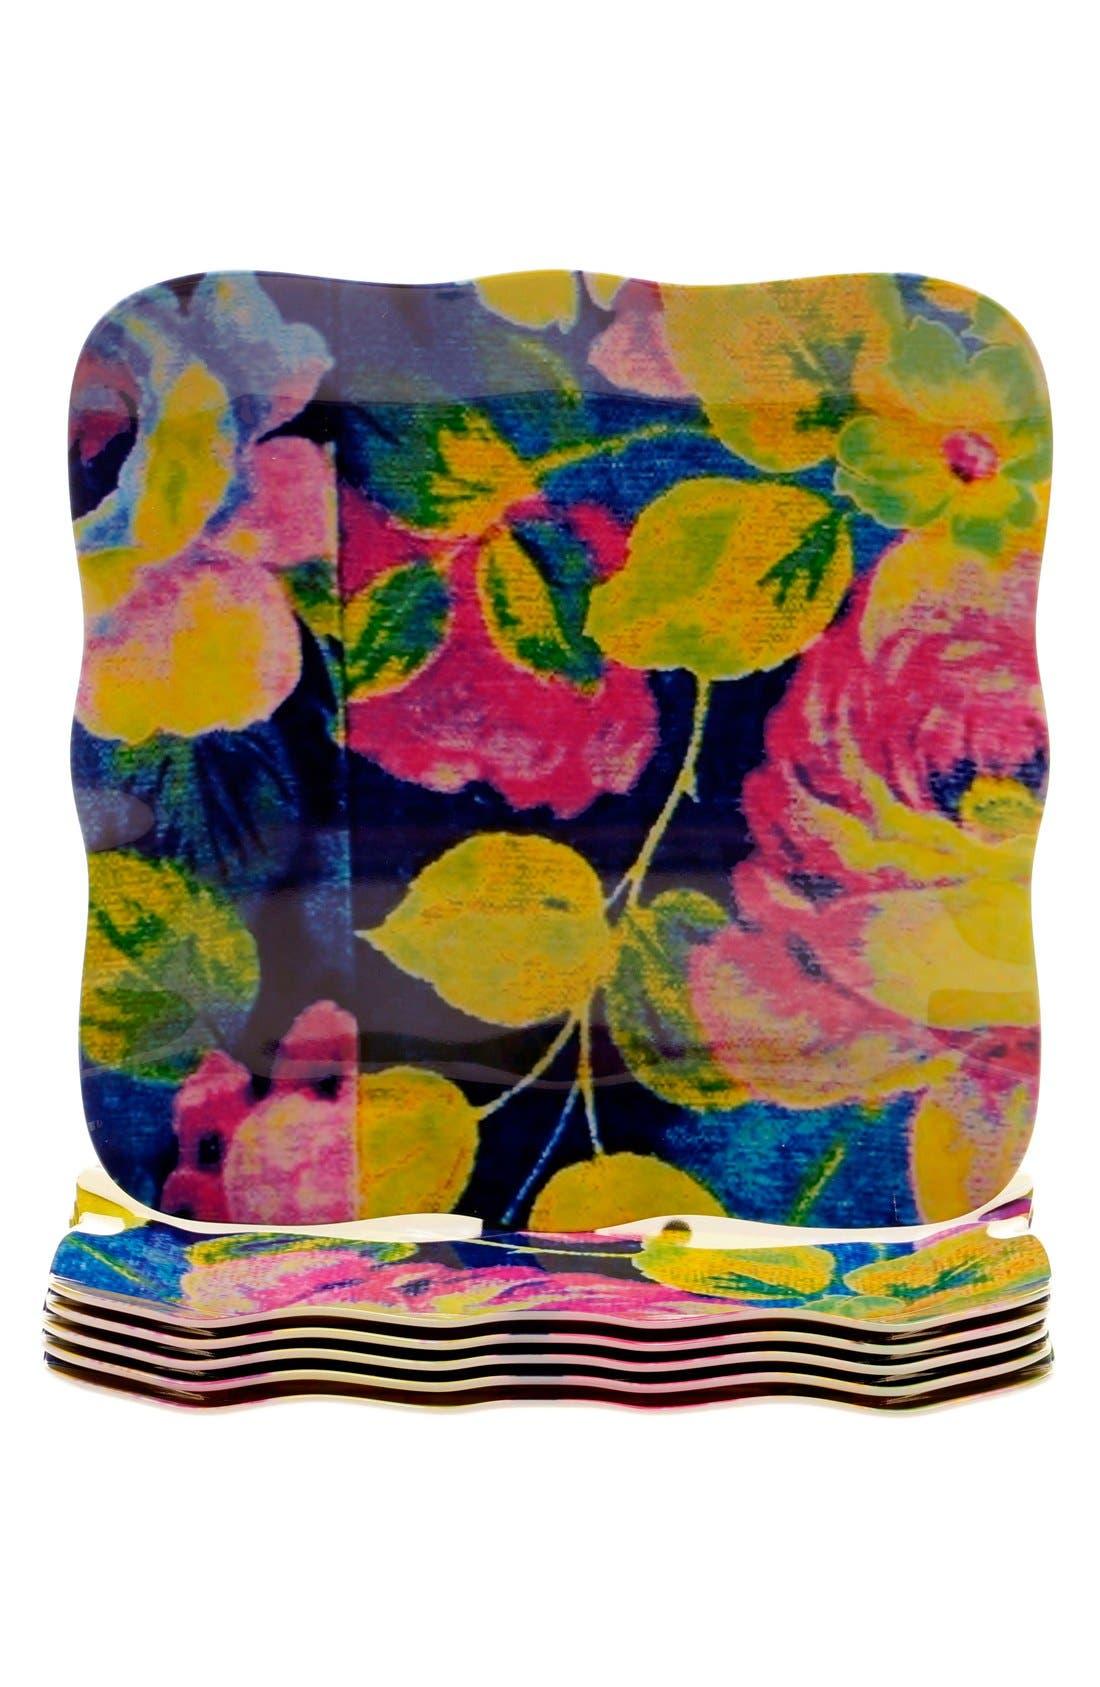 Alternate Image 1 Selected - Tracy Porter® For Poetic Wanderlust® 'Duchess' Dinner Plates (Set of 6)